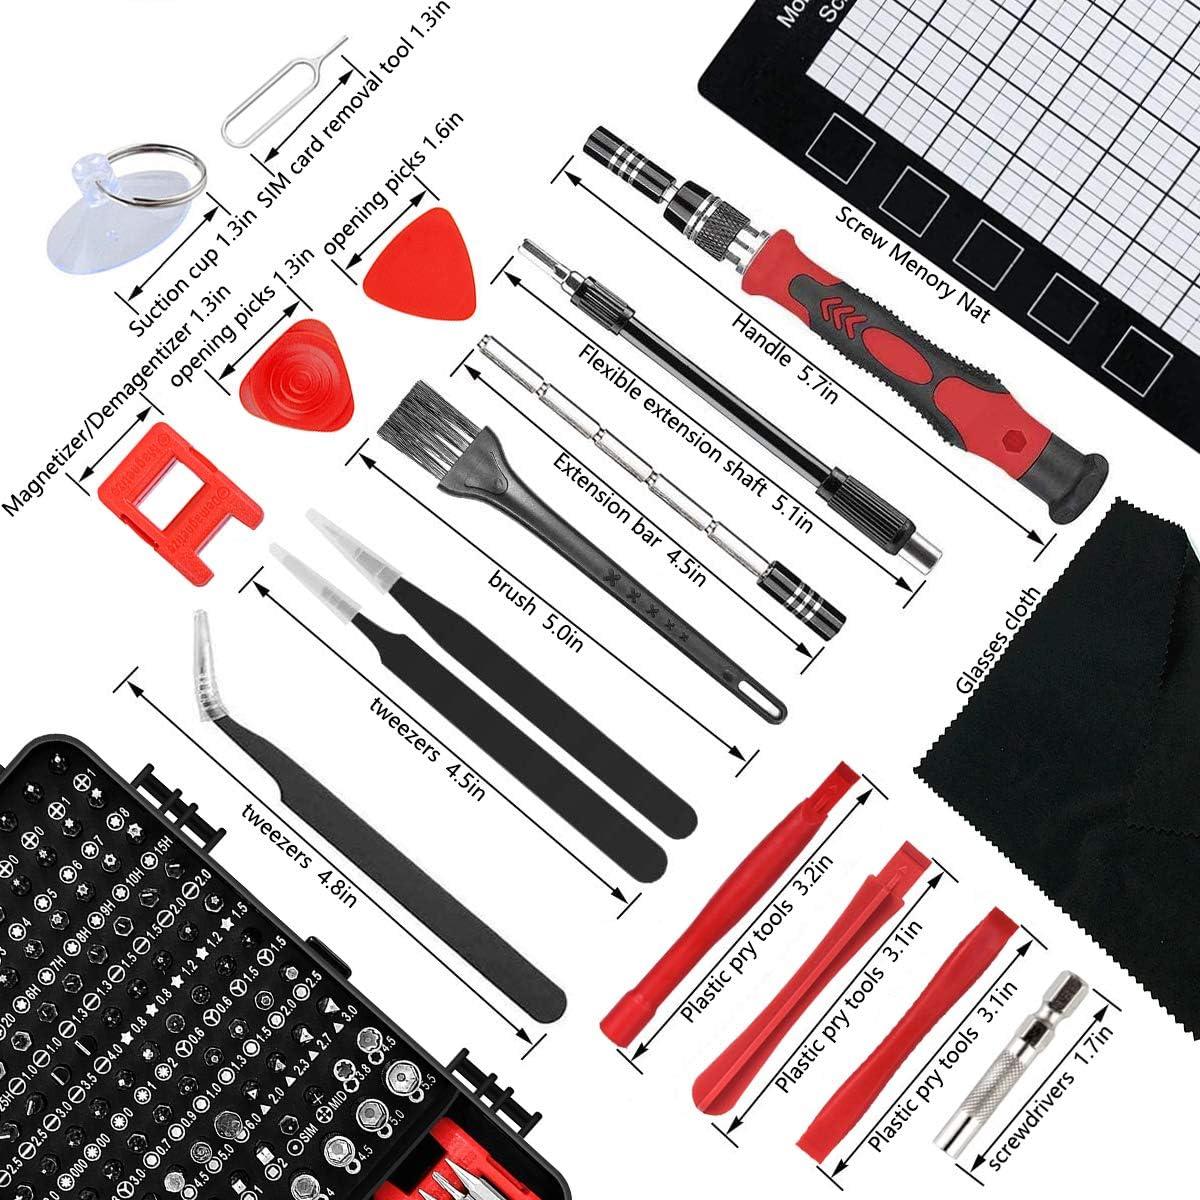 Precision Screwdriver Set 129IN1 105 Pcs Bit Bingolar Repair Tool Multifunctional Tool DIY iPhone PC Glasses Camera Repair Gray